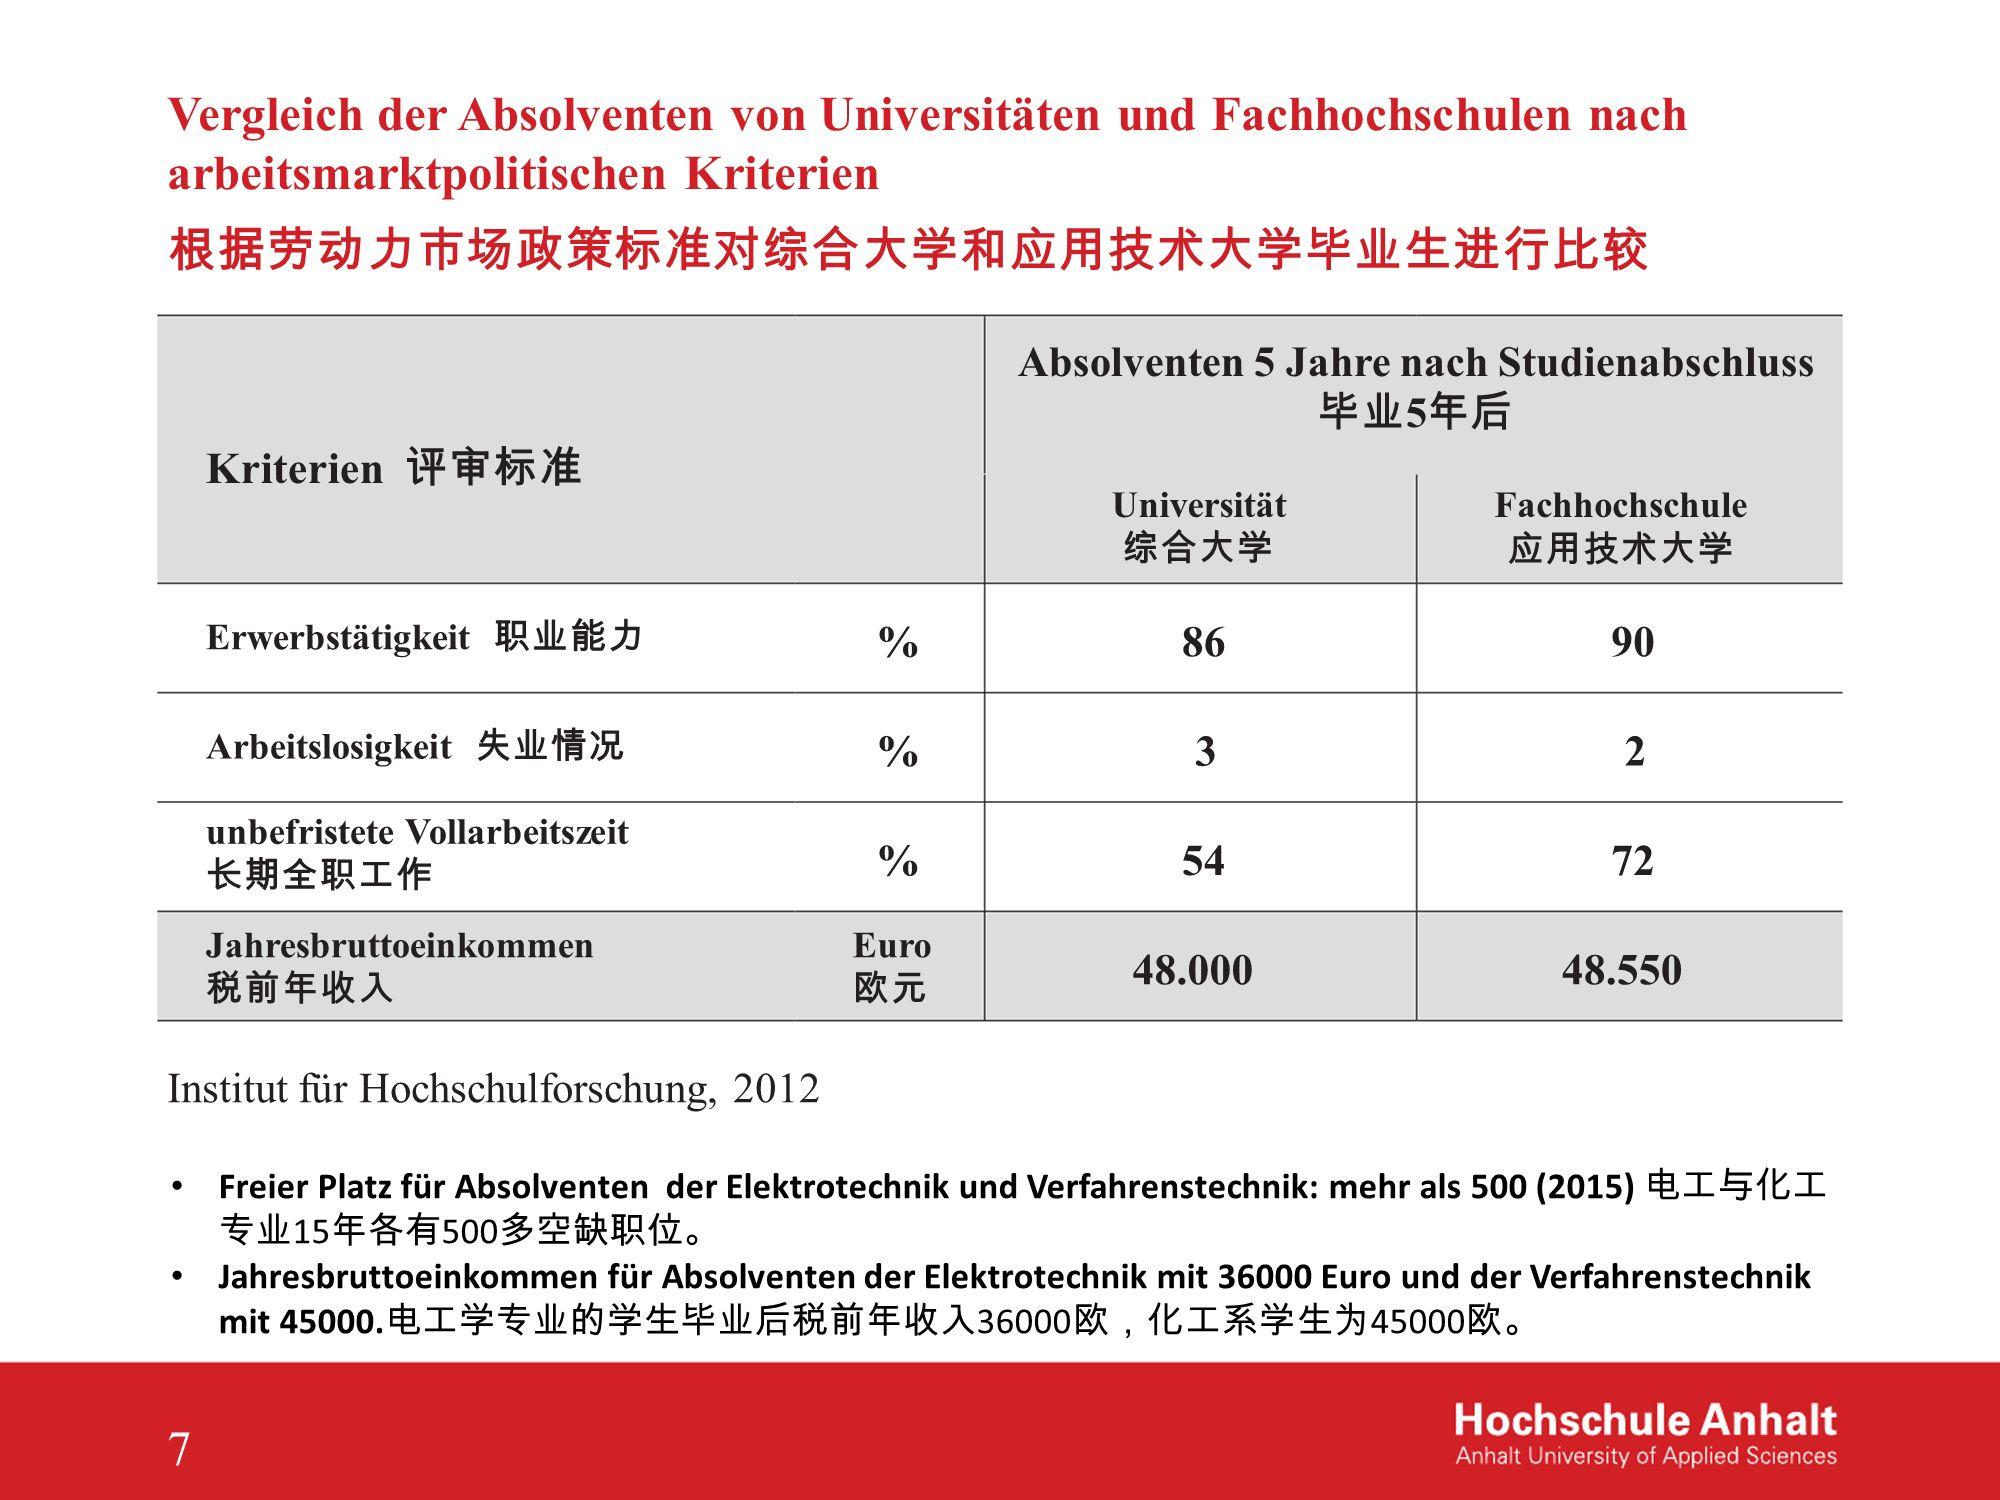 Ergebnisse aus dem Studienqualitätsmonitor 2013 nach Hochschularten (WOISCH, A.